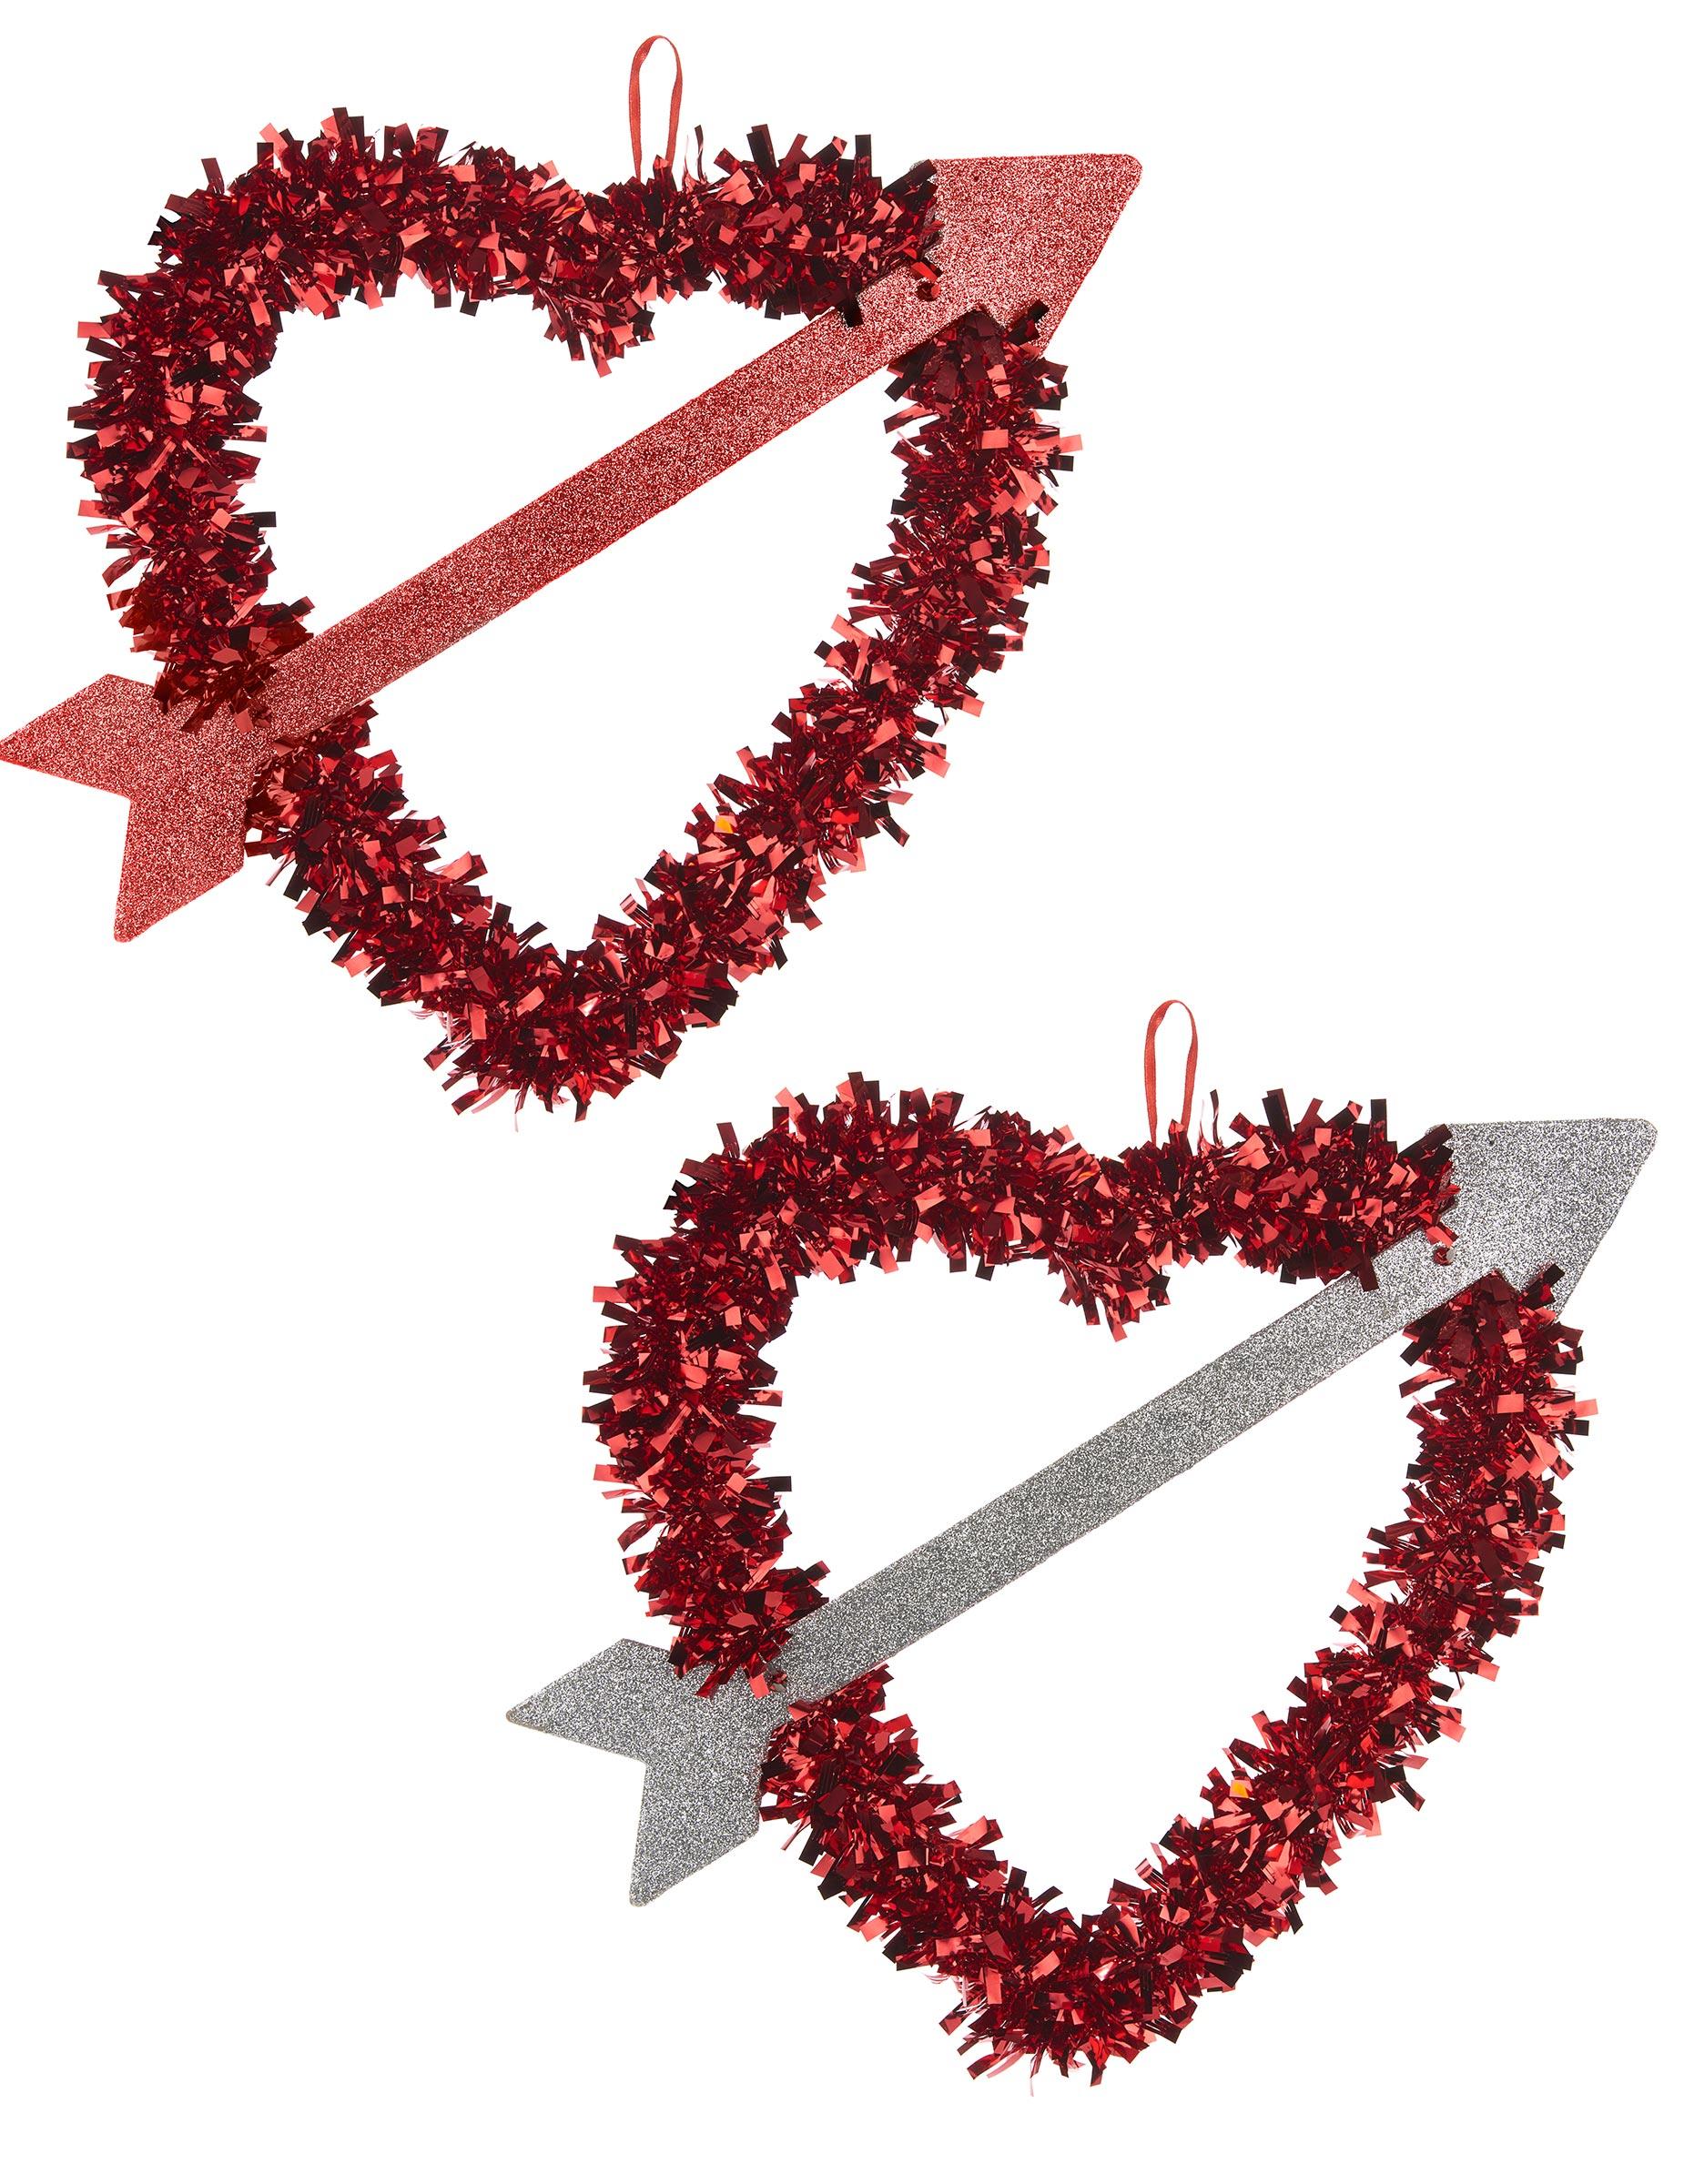 coeur rouge avec flèche saint valentin 27 x 33 cm : deguise-toi